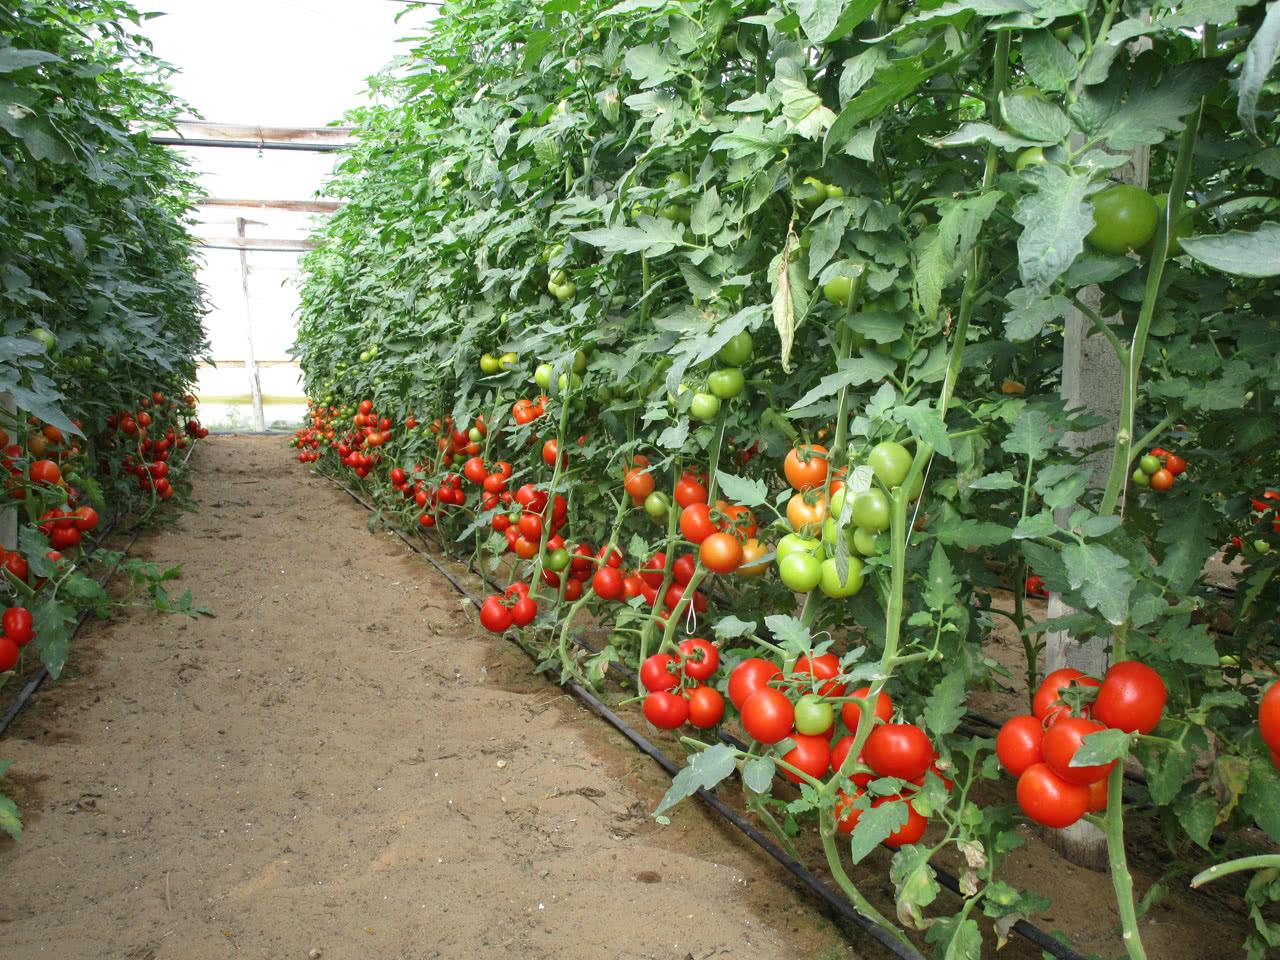 Высадка рассады помидор в теплицу: обзор возможных проблем + лучшие методы от профи